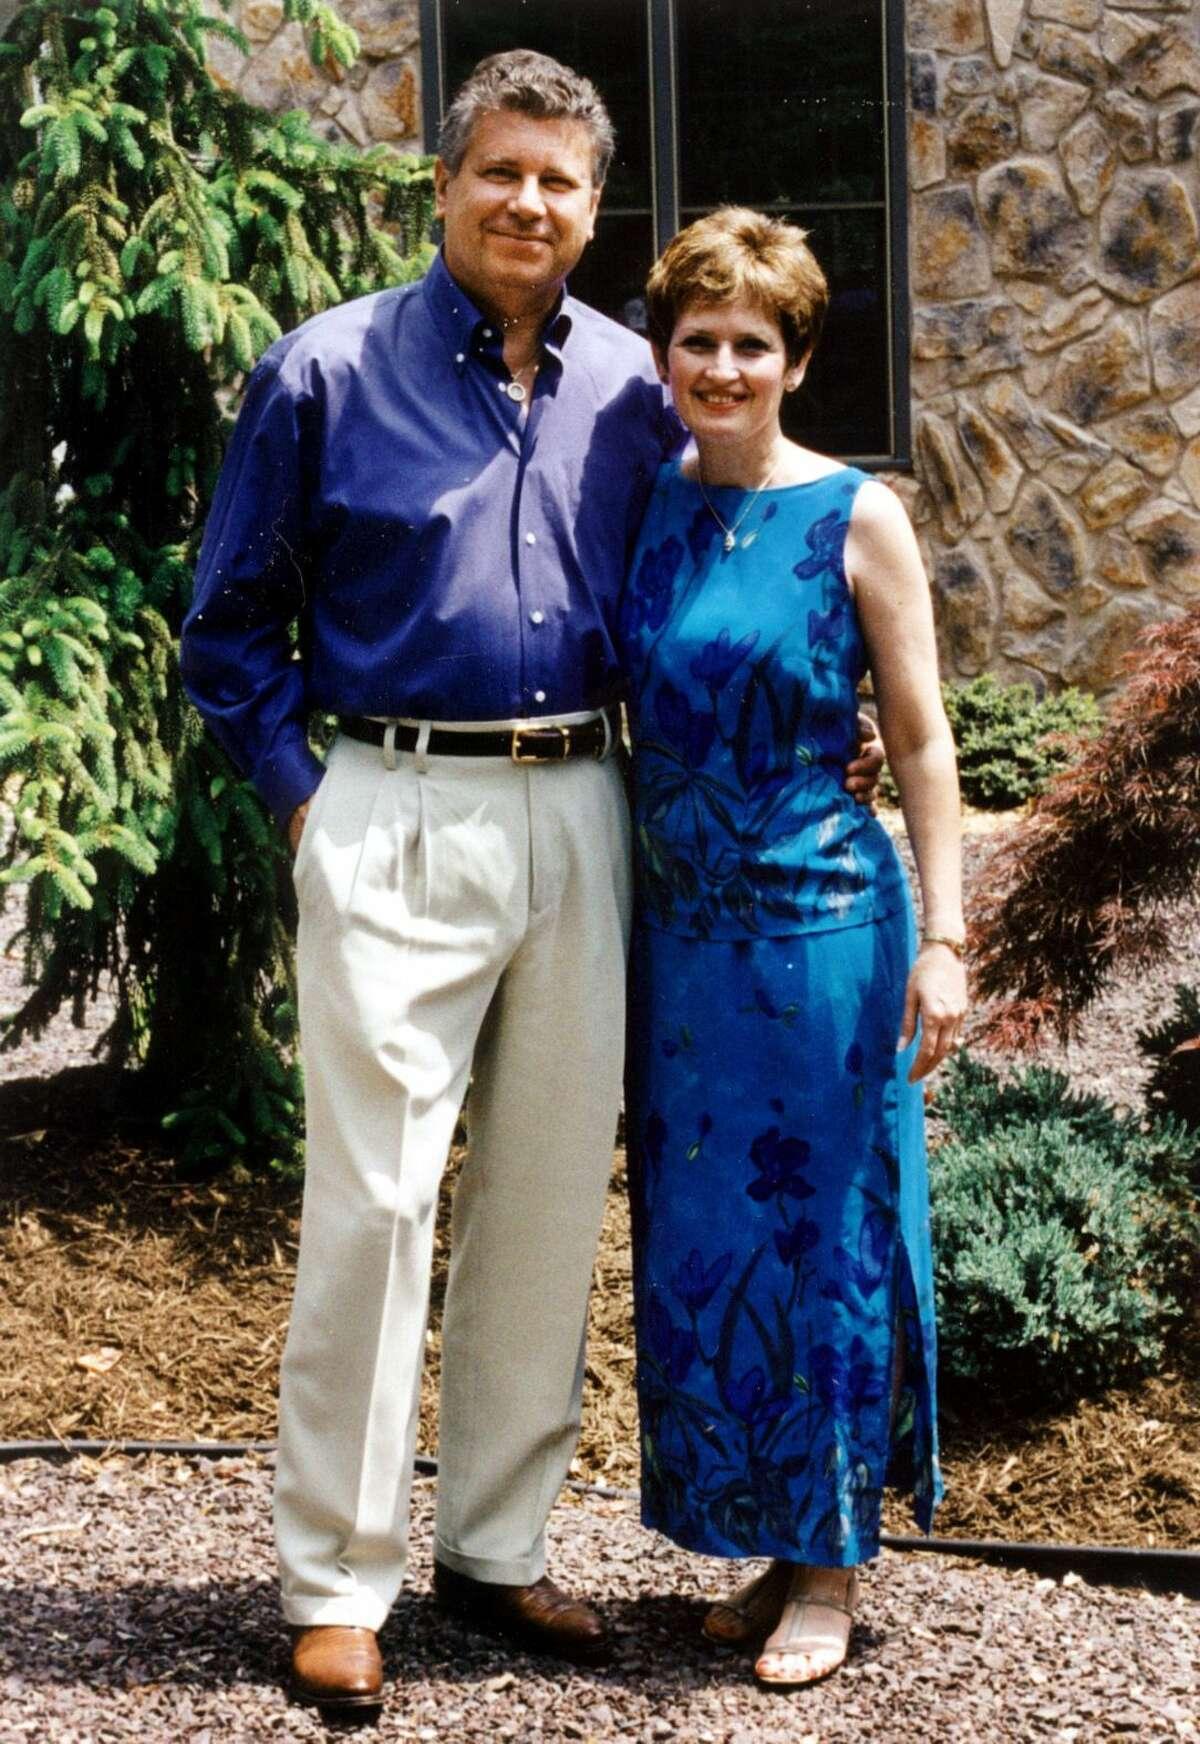 Robert and Zandra Ploger